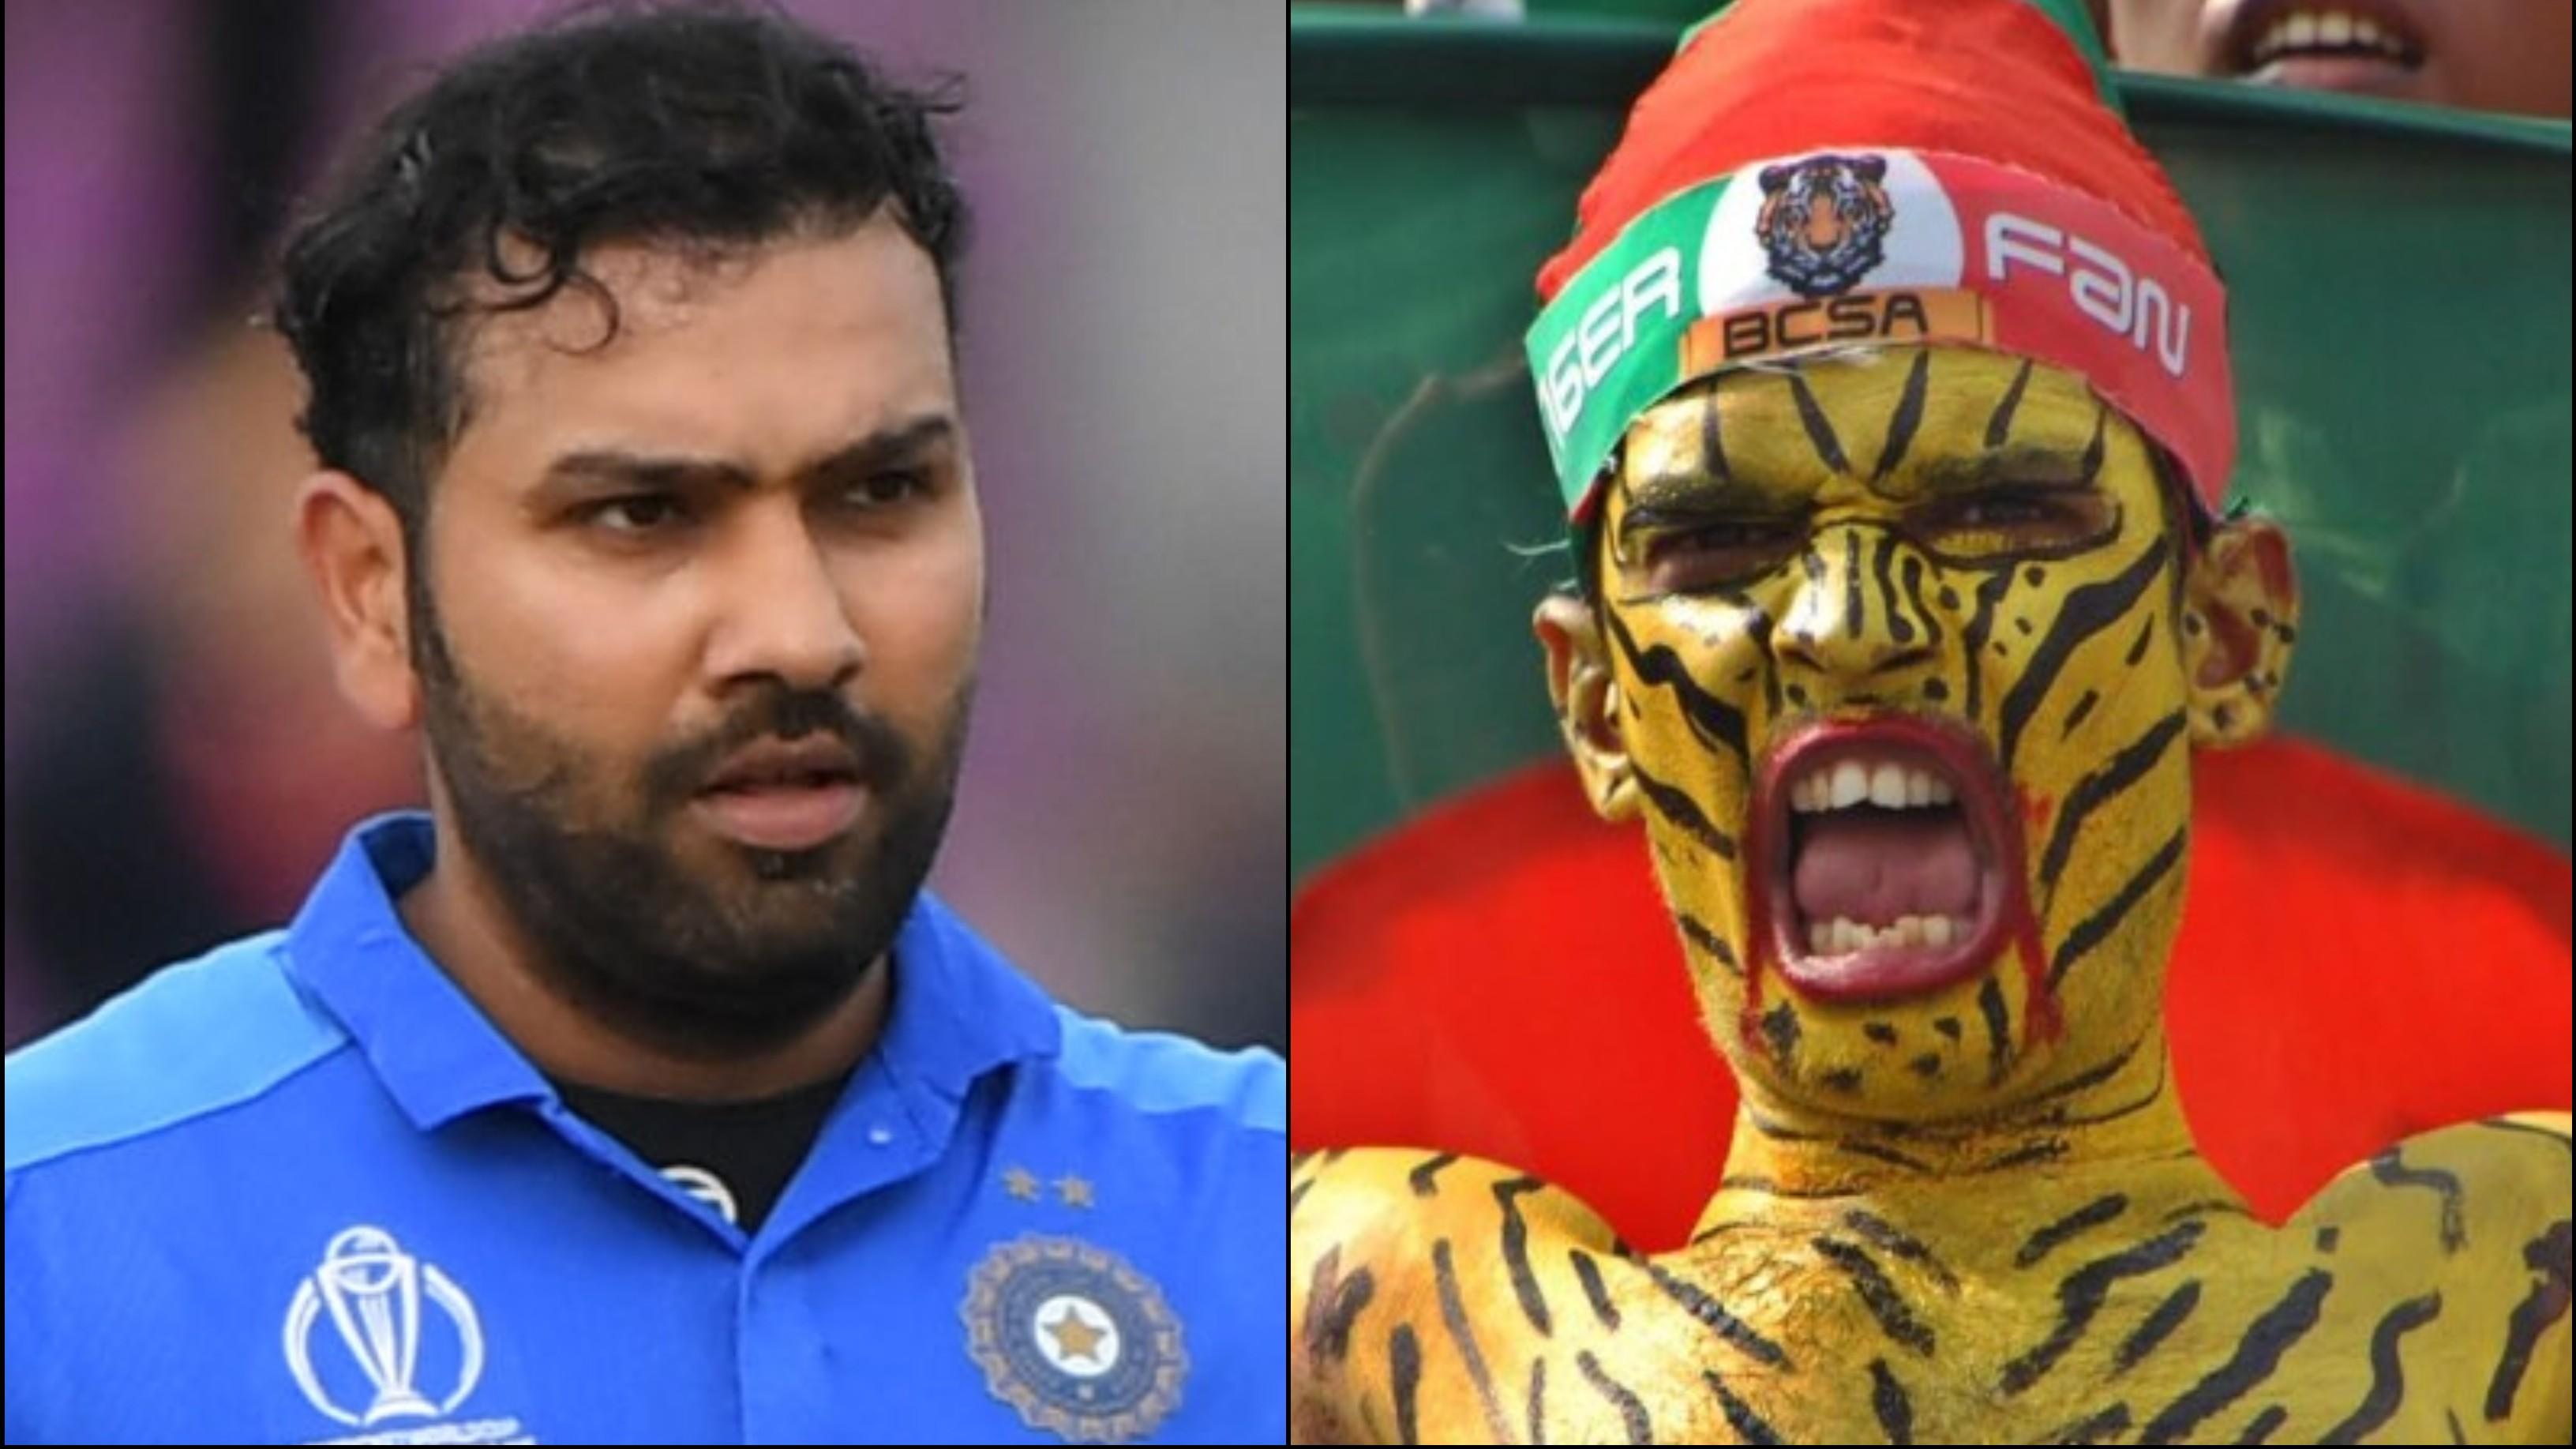 IND v BAN 2019: रोहित शर्मा ने बांग्लादेशी फैन की मदद कर दिलवाया मैच का टिकट